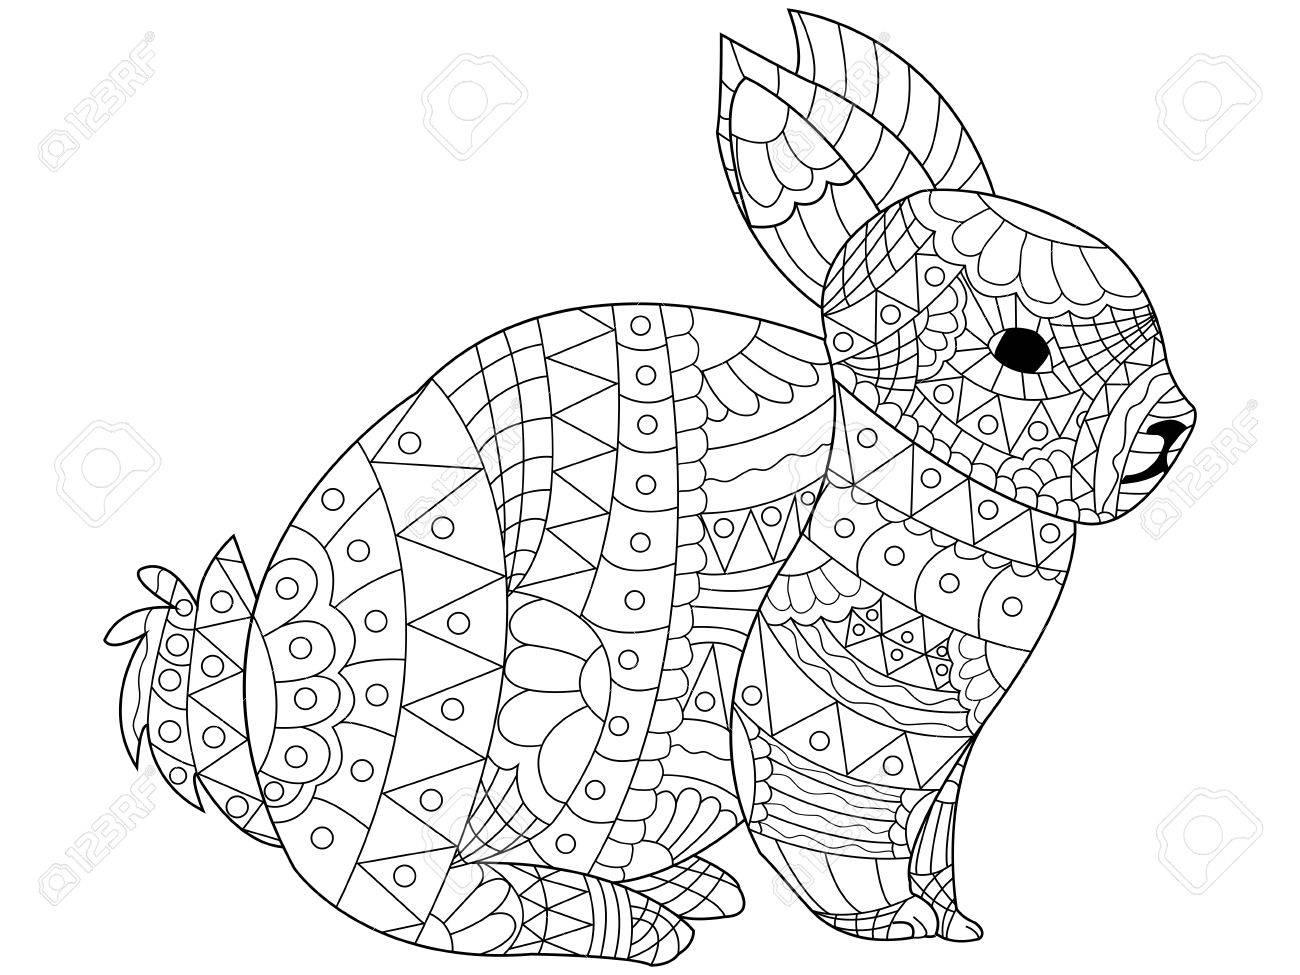 Kaninchen Färbung Haustier Erwachsenen Vektor-Illustration. Anti ...